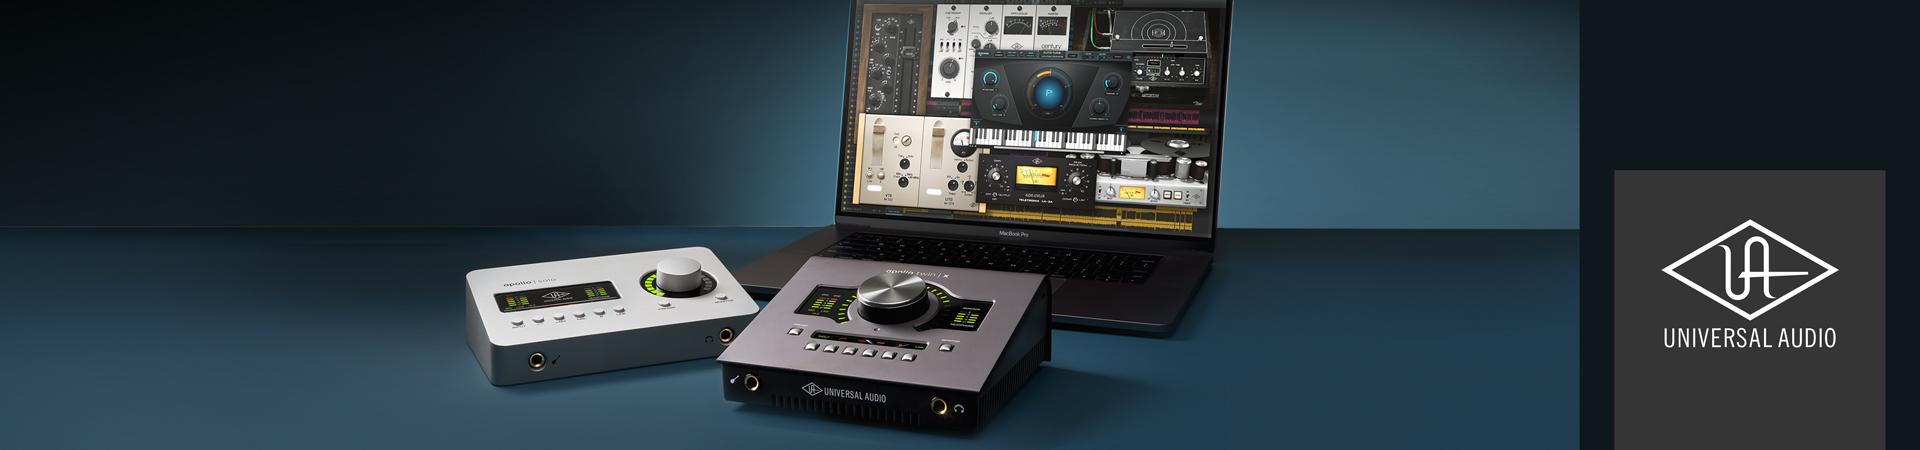 PROMOCJA: Pobierz darmowe wtyczki z Universal Audio!